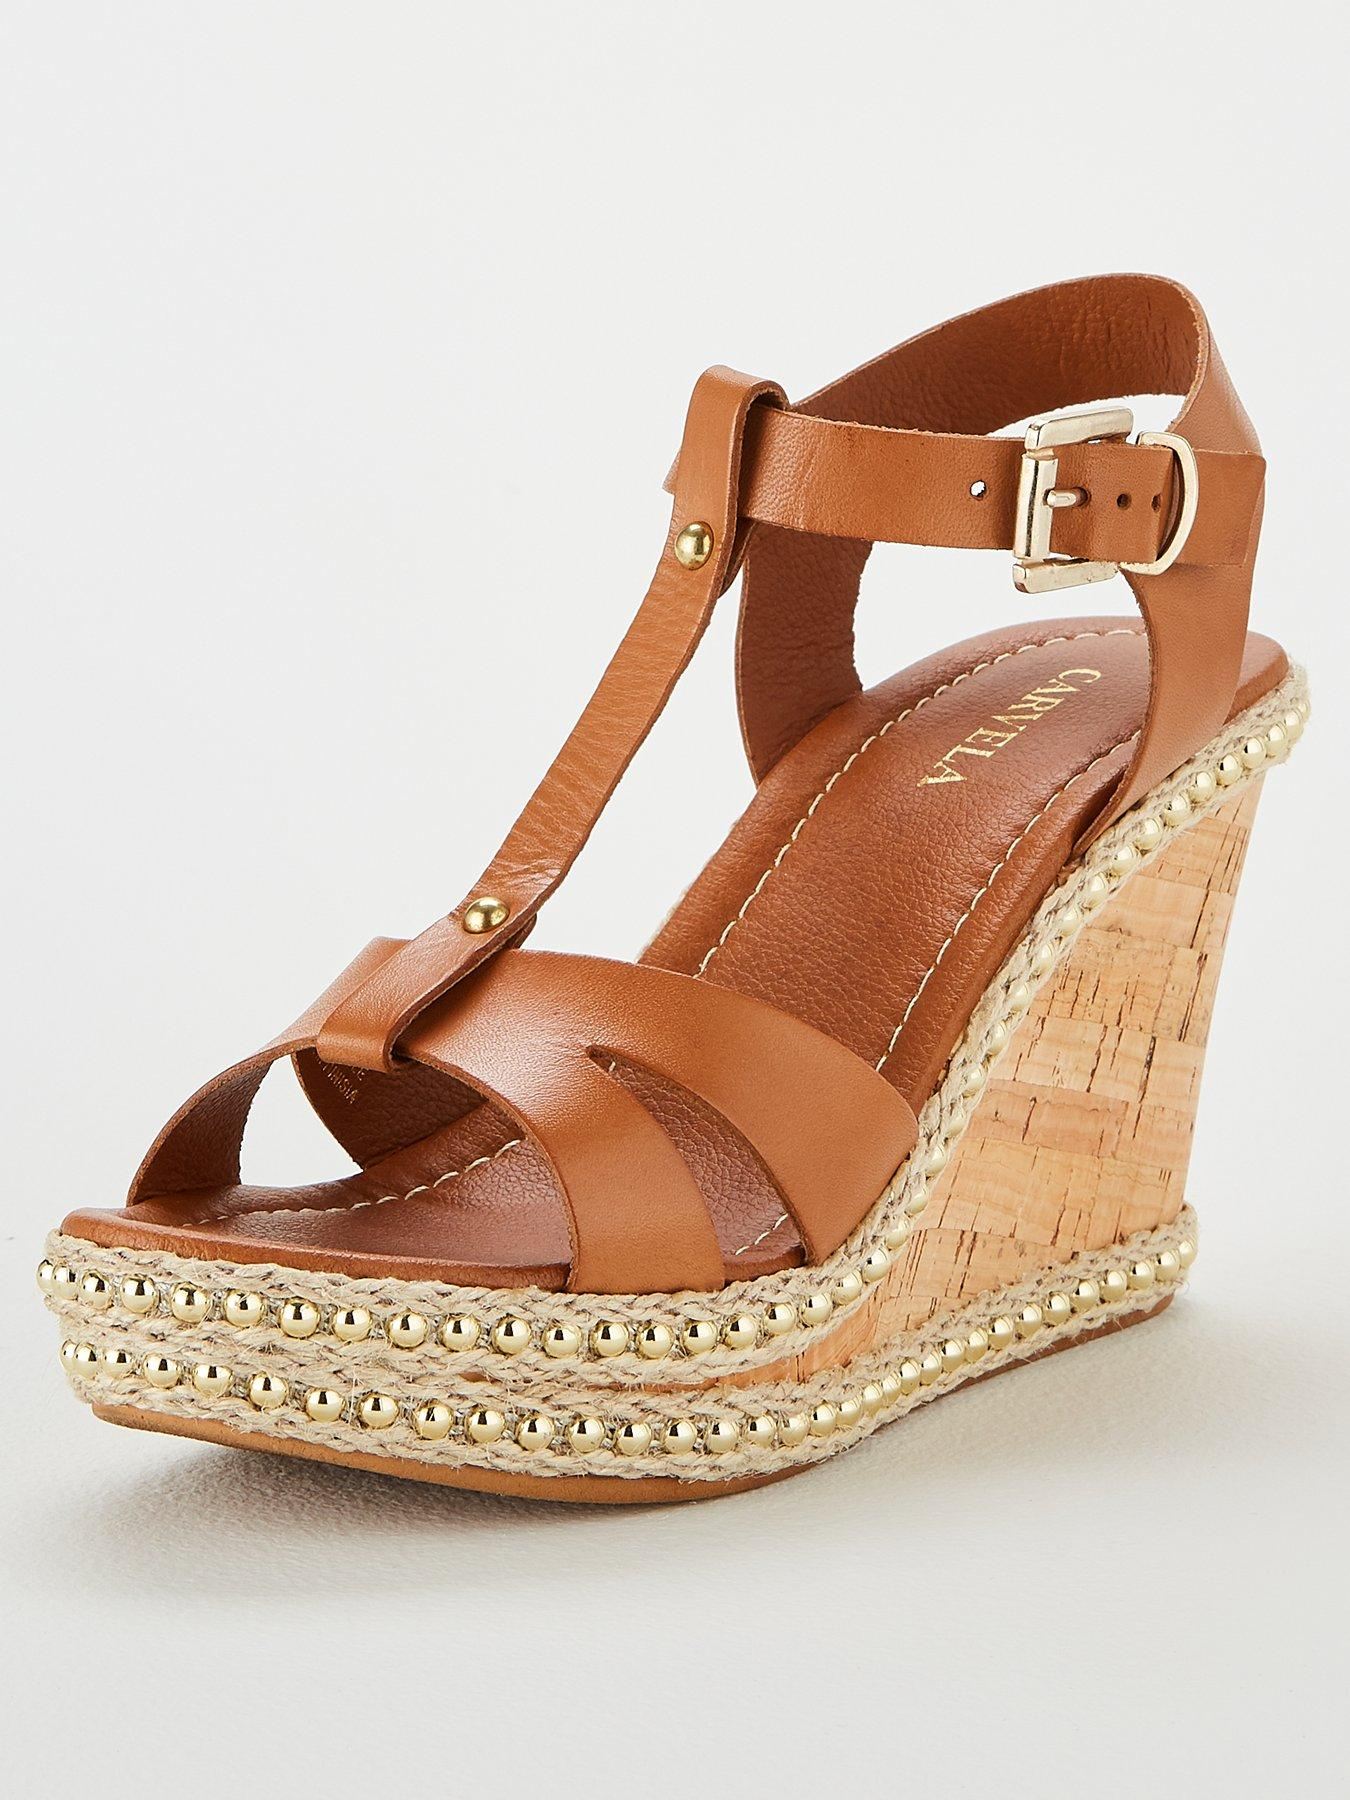 Sandals Tan Wedge Karoline Karoline Wedge Sandals 0Oy8wnNPvm